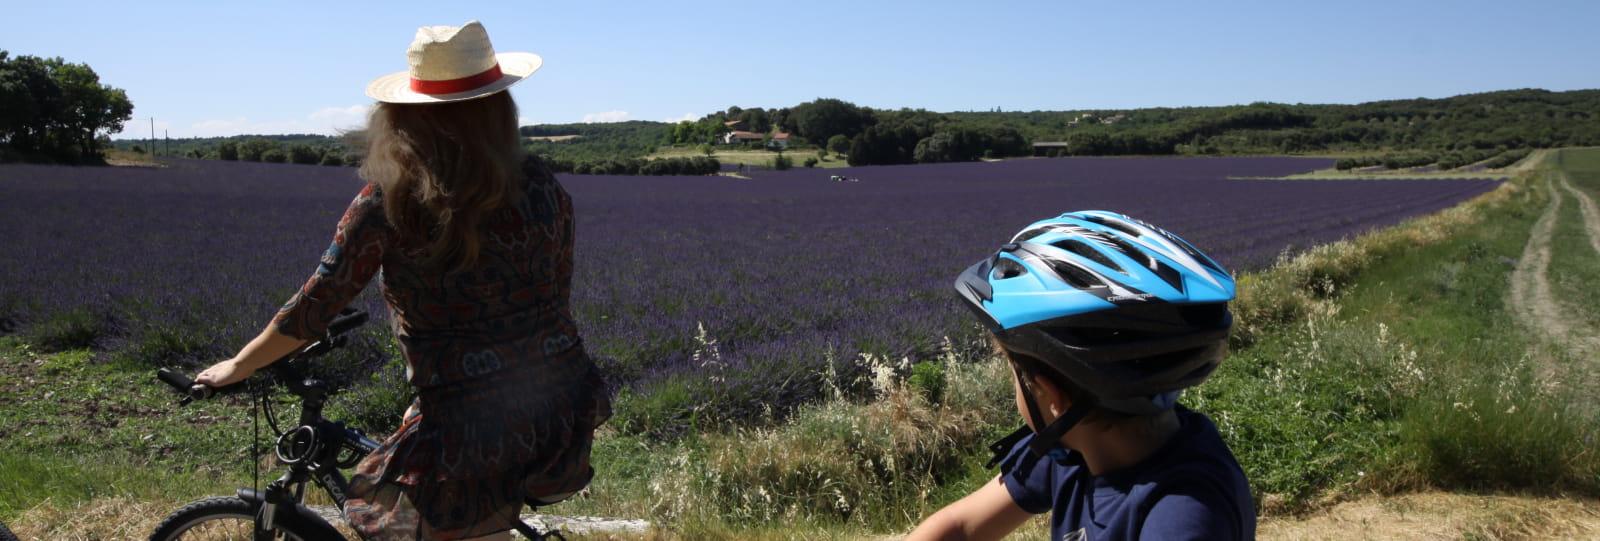 Balade et lavande - Escapade à Vélo autour de la lavande